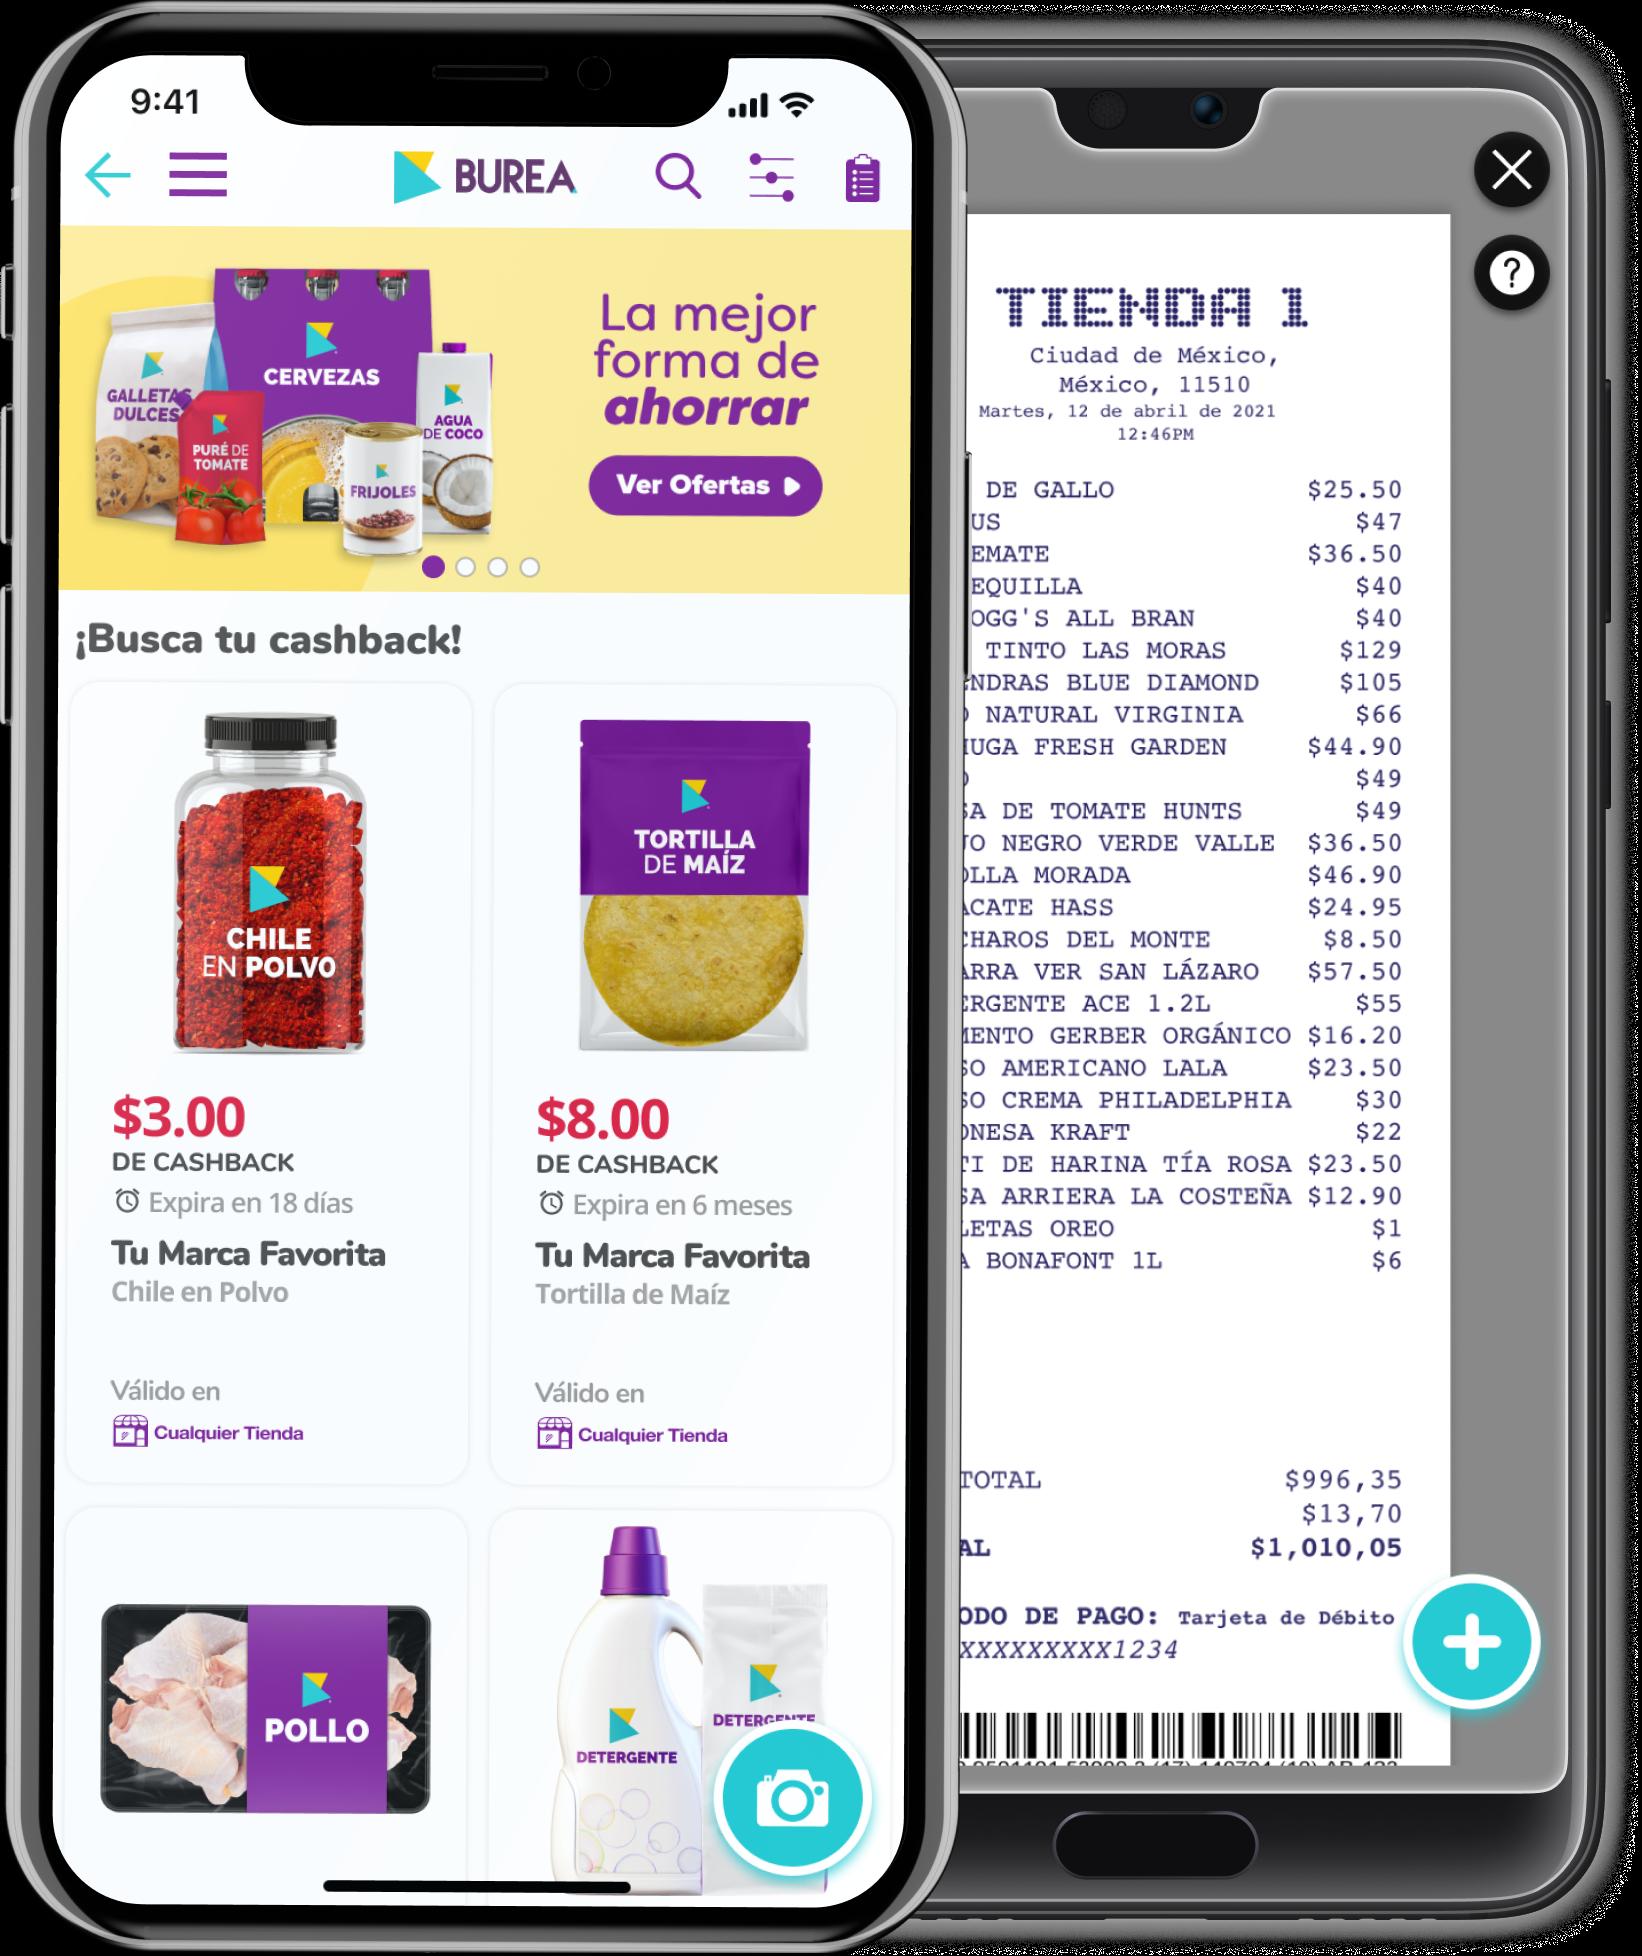 Llega a México BUREA, la app gratuita que te da recompensas por tus compras en establecimientos